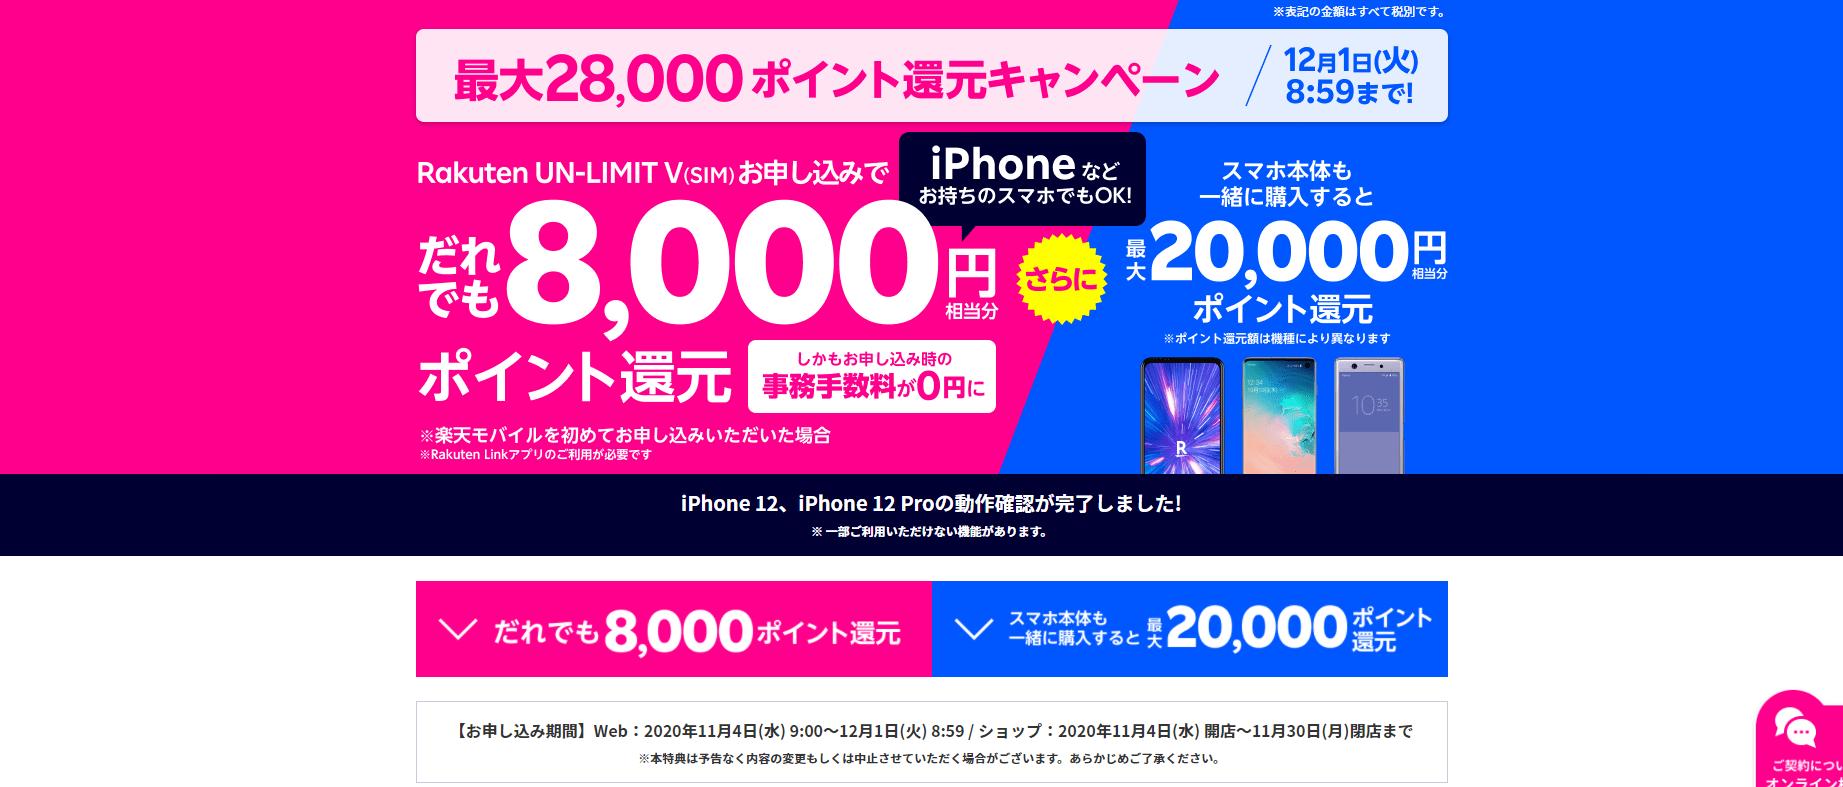 iPhone12_楽天モバイル_申し込みキャンペーン